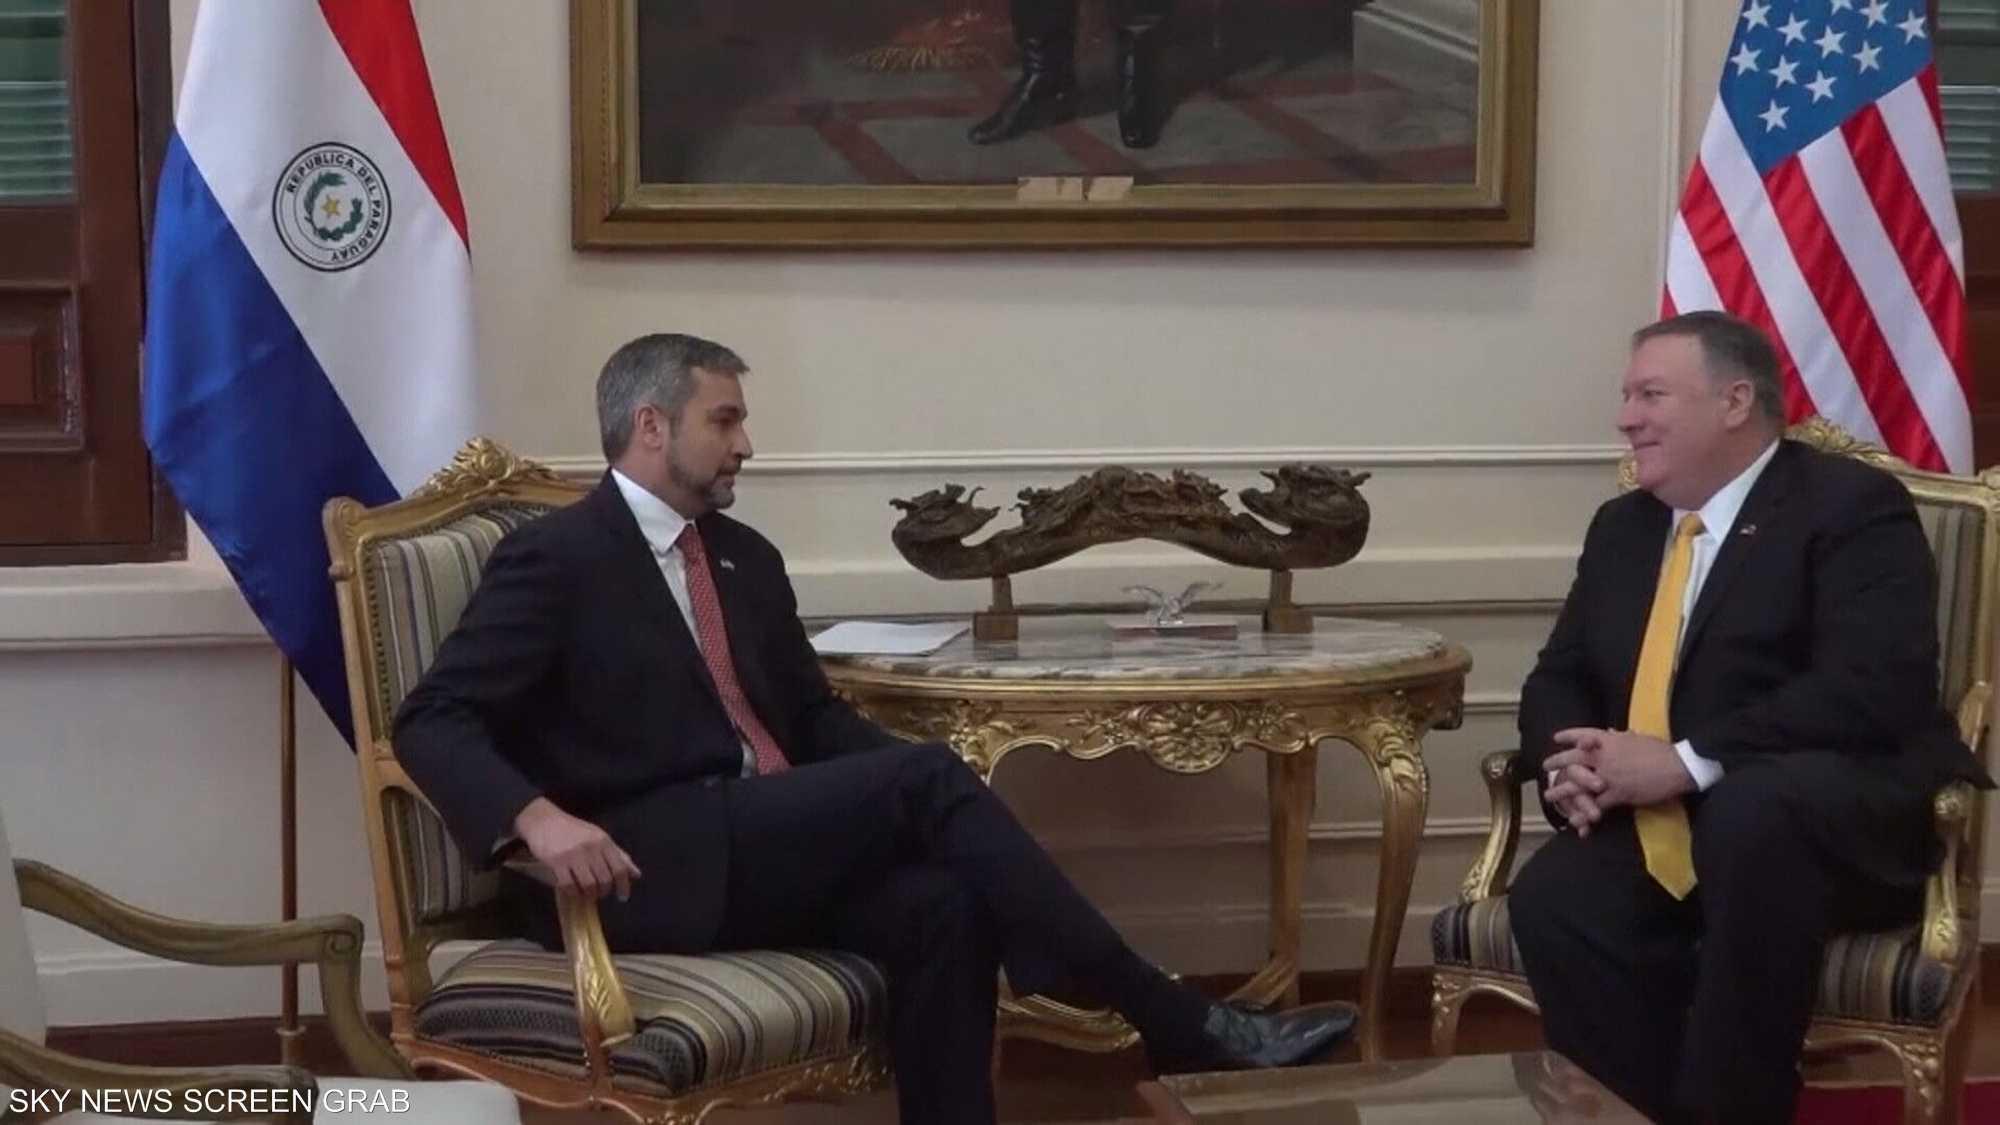 واشنطن تشيد بقرار باراغواي تصنيف حزب الله تنظيما إرهابيا